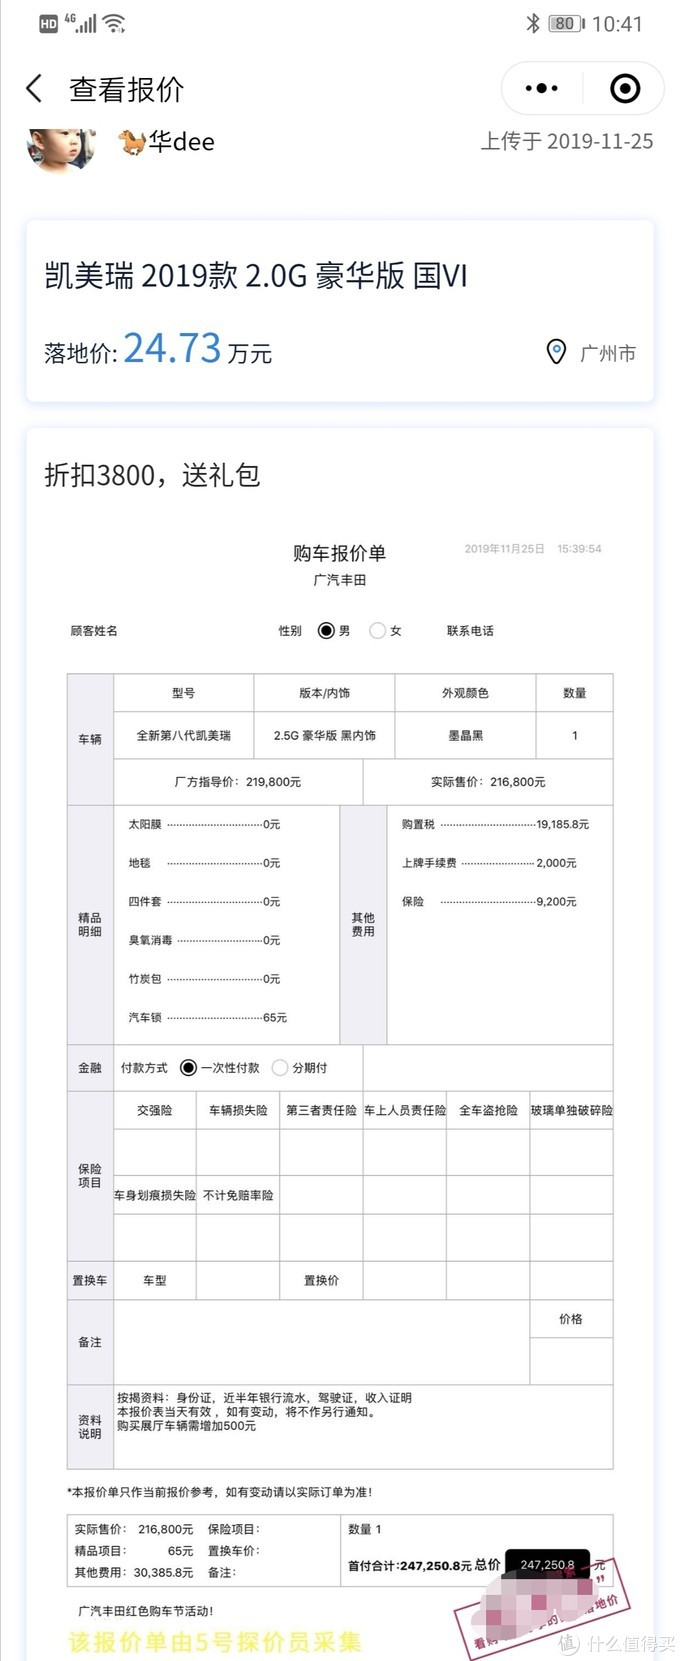 【金刚探车展】凯美瑞越到年底越贵?广州车展不例外(内附报价单)